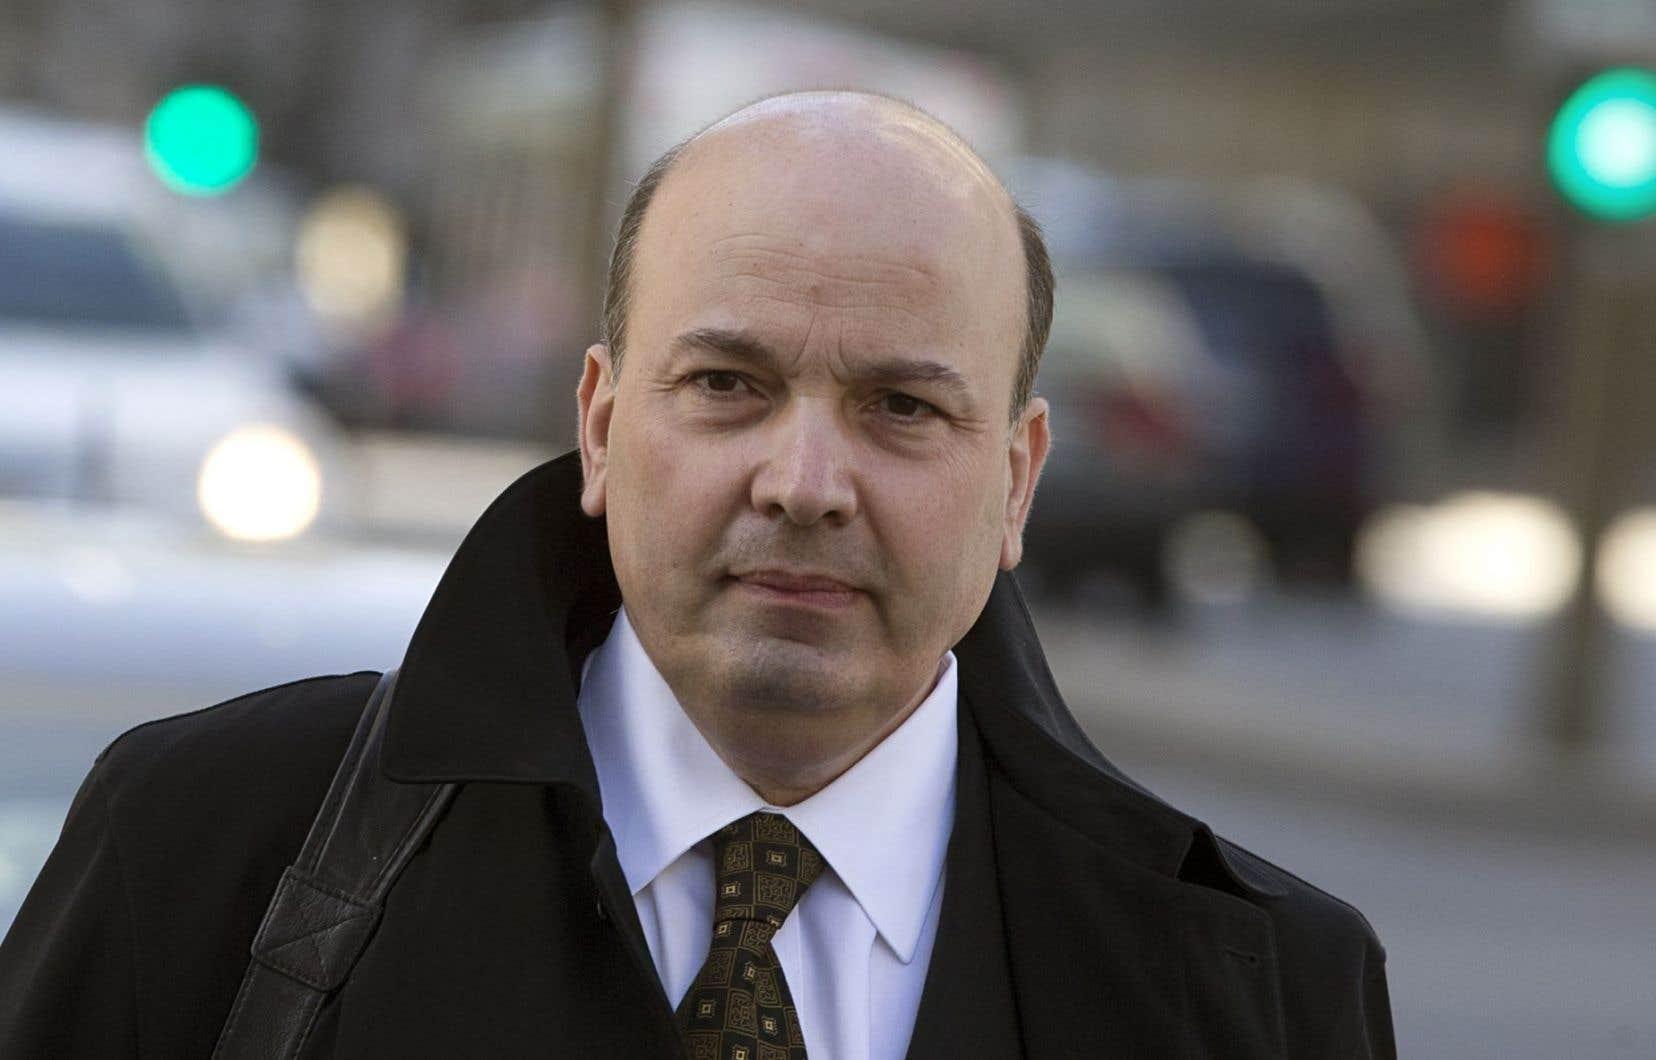 <p>Bien qu'il ait participé à plusieurs événements de financement d'Union Montréal, Frank Zampino assure qu'il ne jouait aucun rôle décisionnel au sein du parti politique dirigé par Gérald Tremblay.</p>